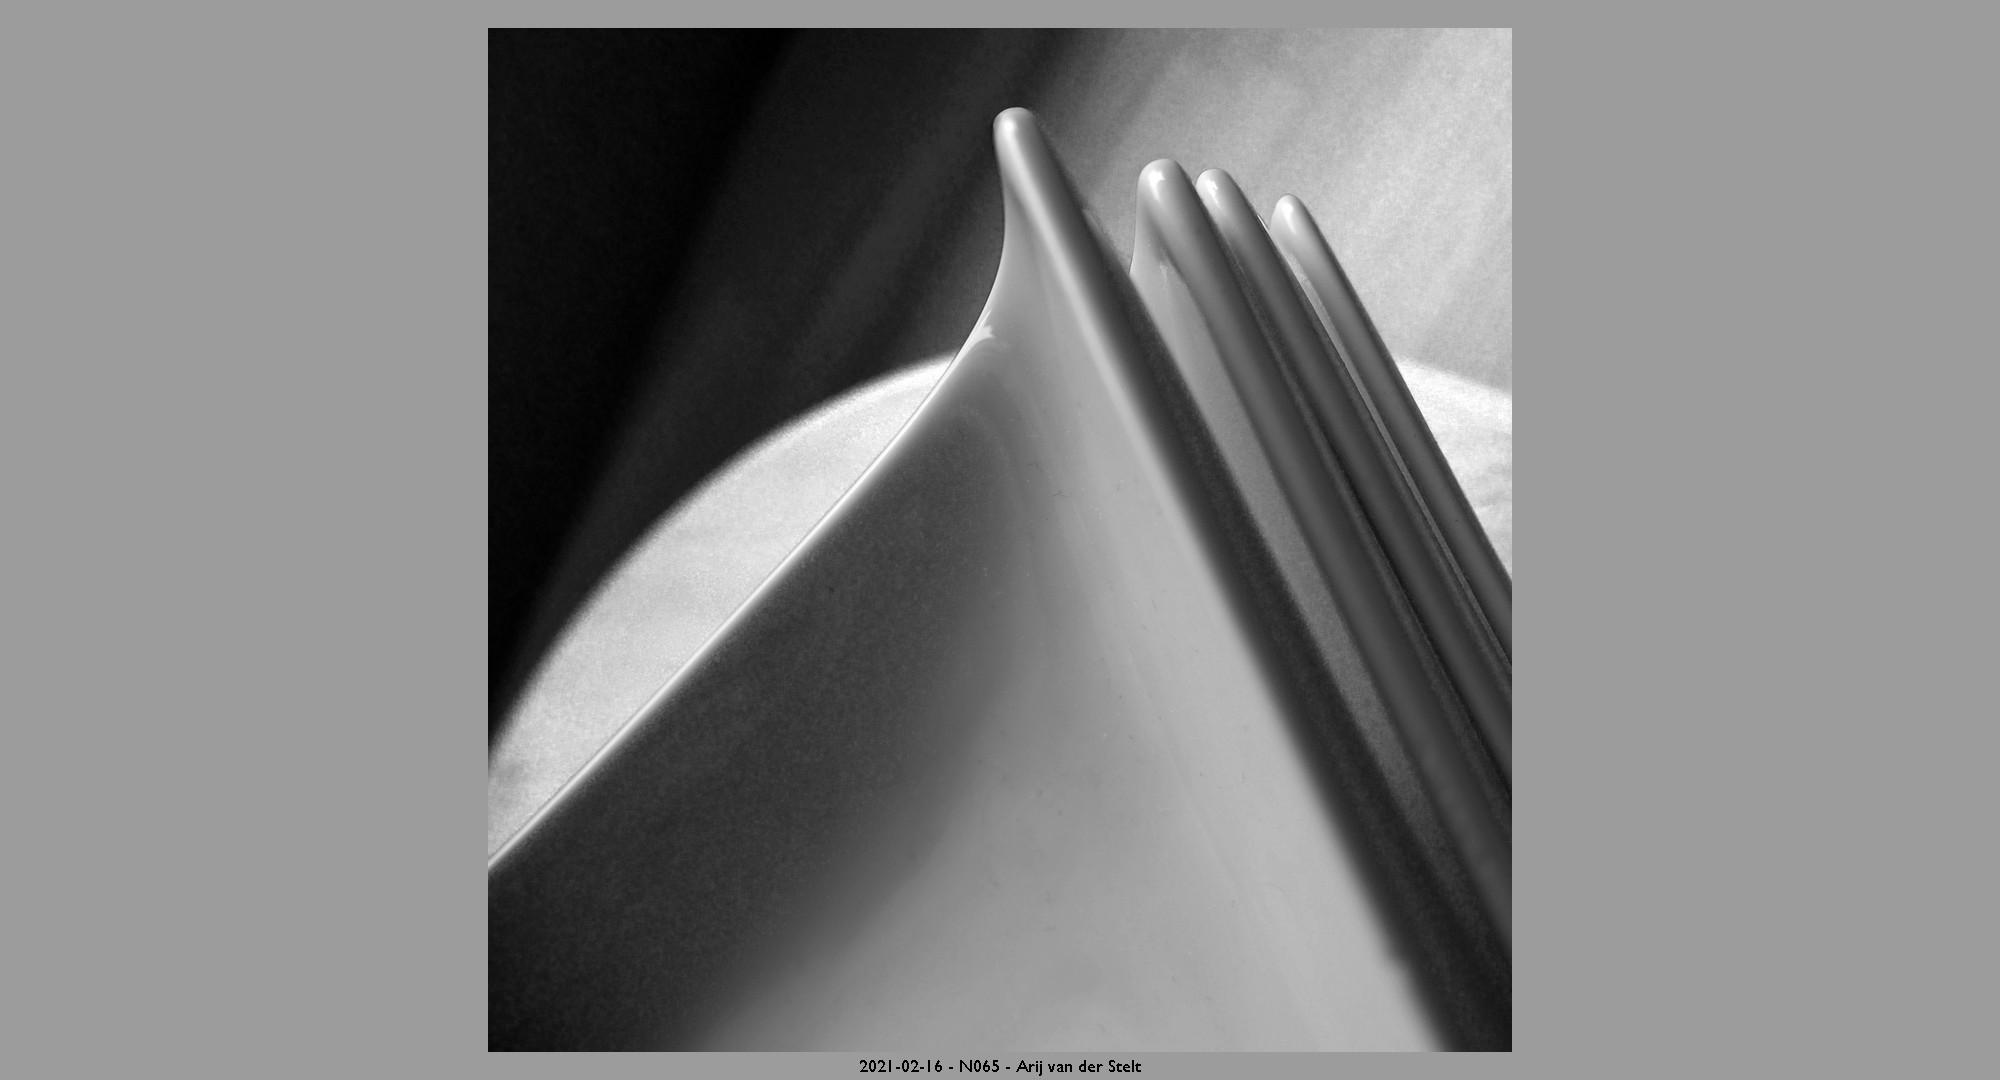 2021-02-16-N065-Arij-van-der-Stelt